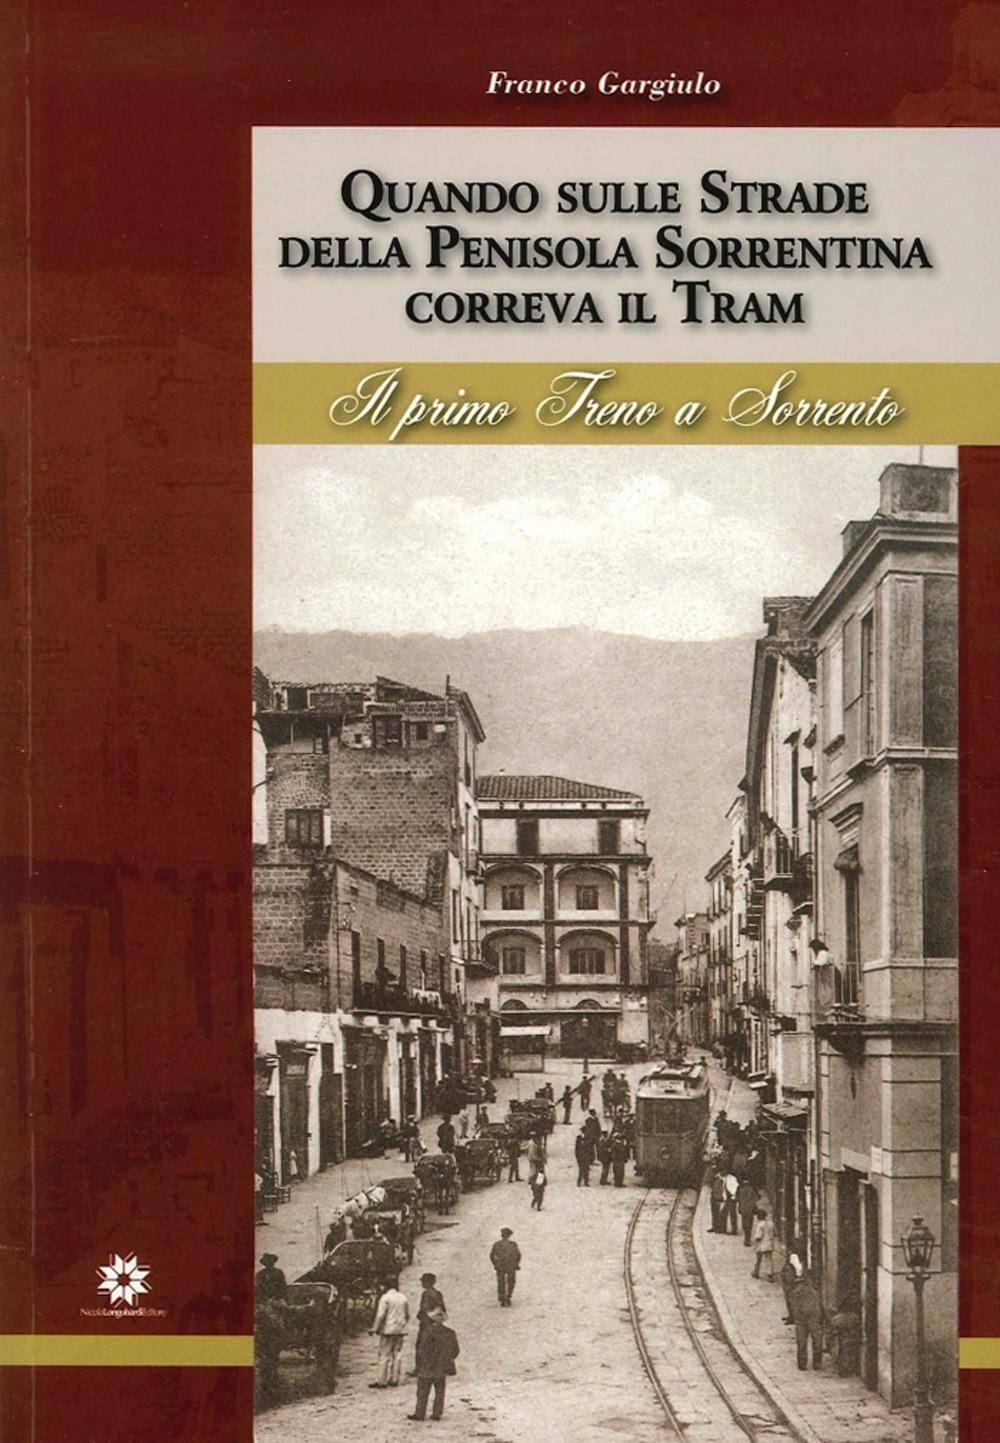 Quado sulle strade della Penisola Sorrentina correva il Tram. Il primo Treno a Sorrento.